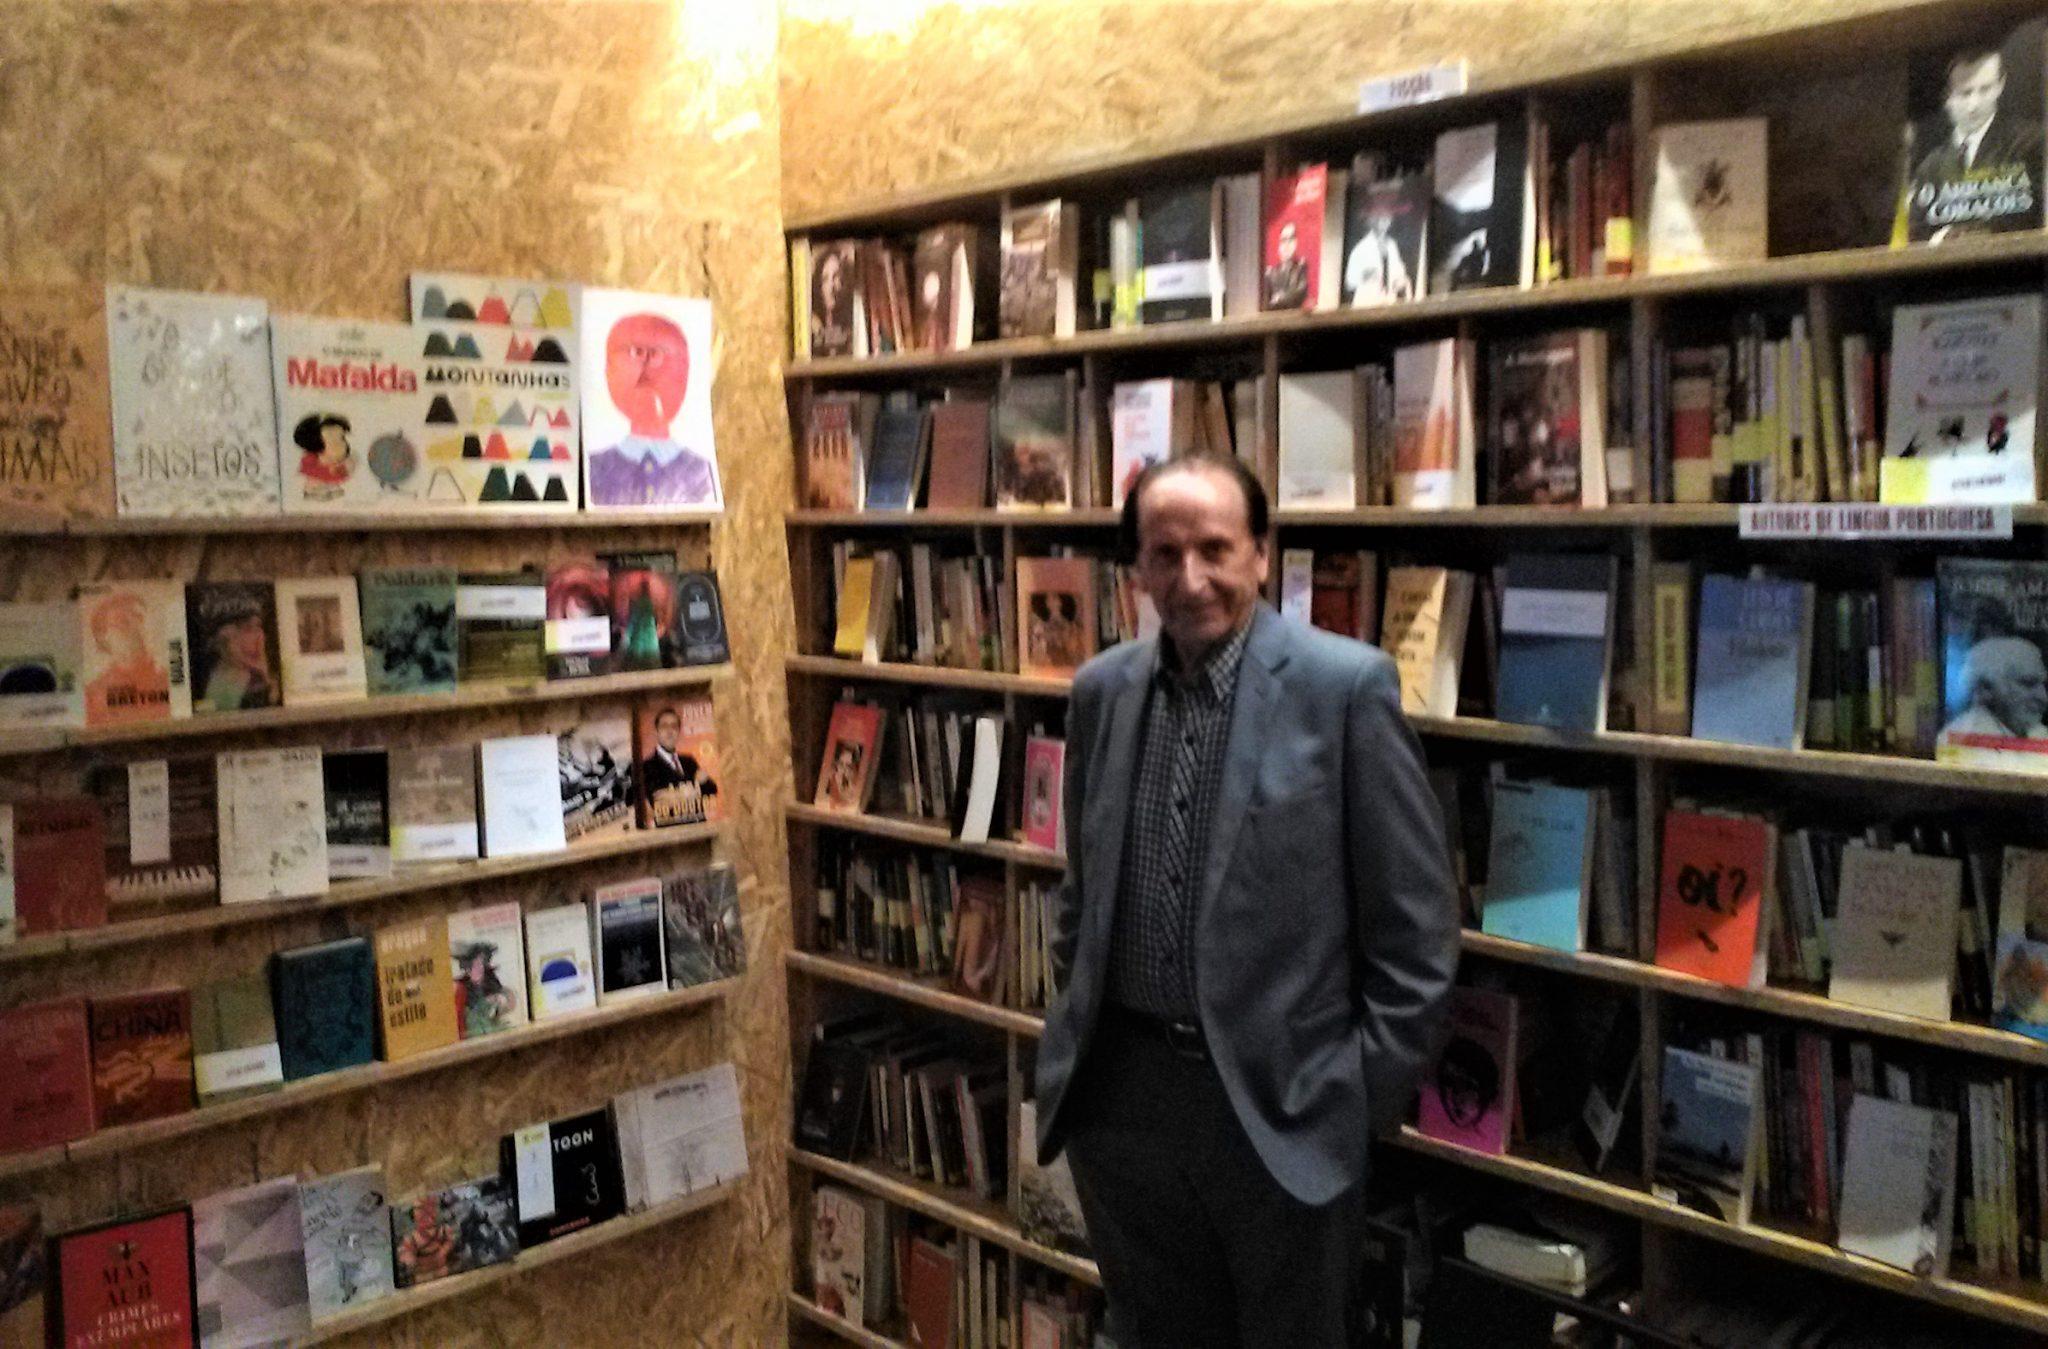 PODCAST: Livros, literatura e liberdade, com o filósofo João Ferreira (24 Abr 2018)